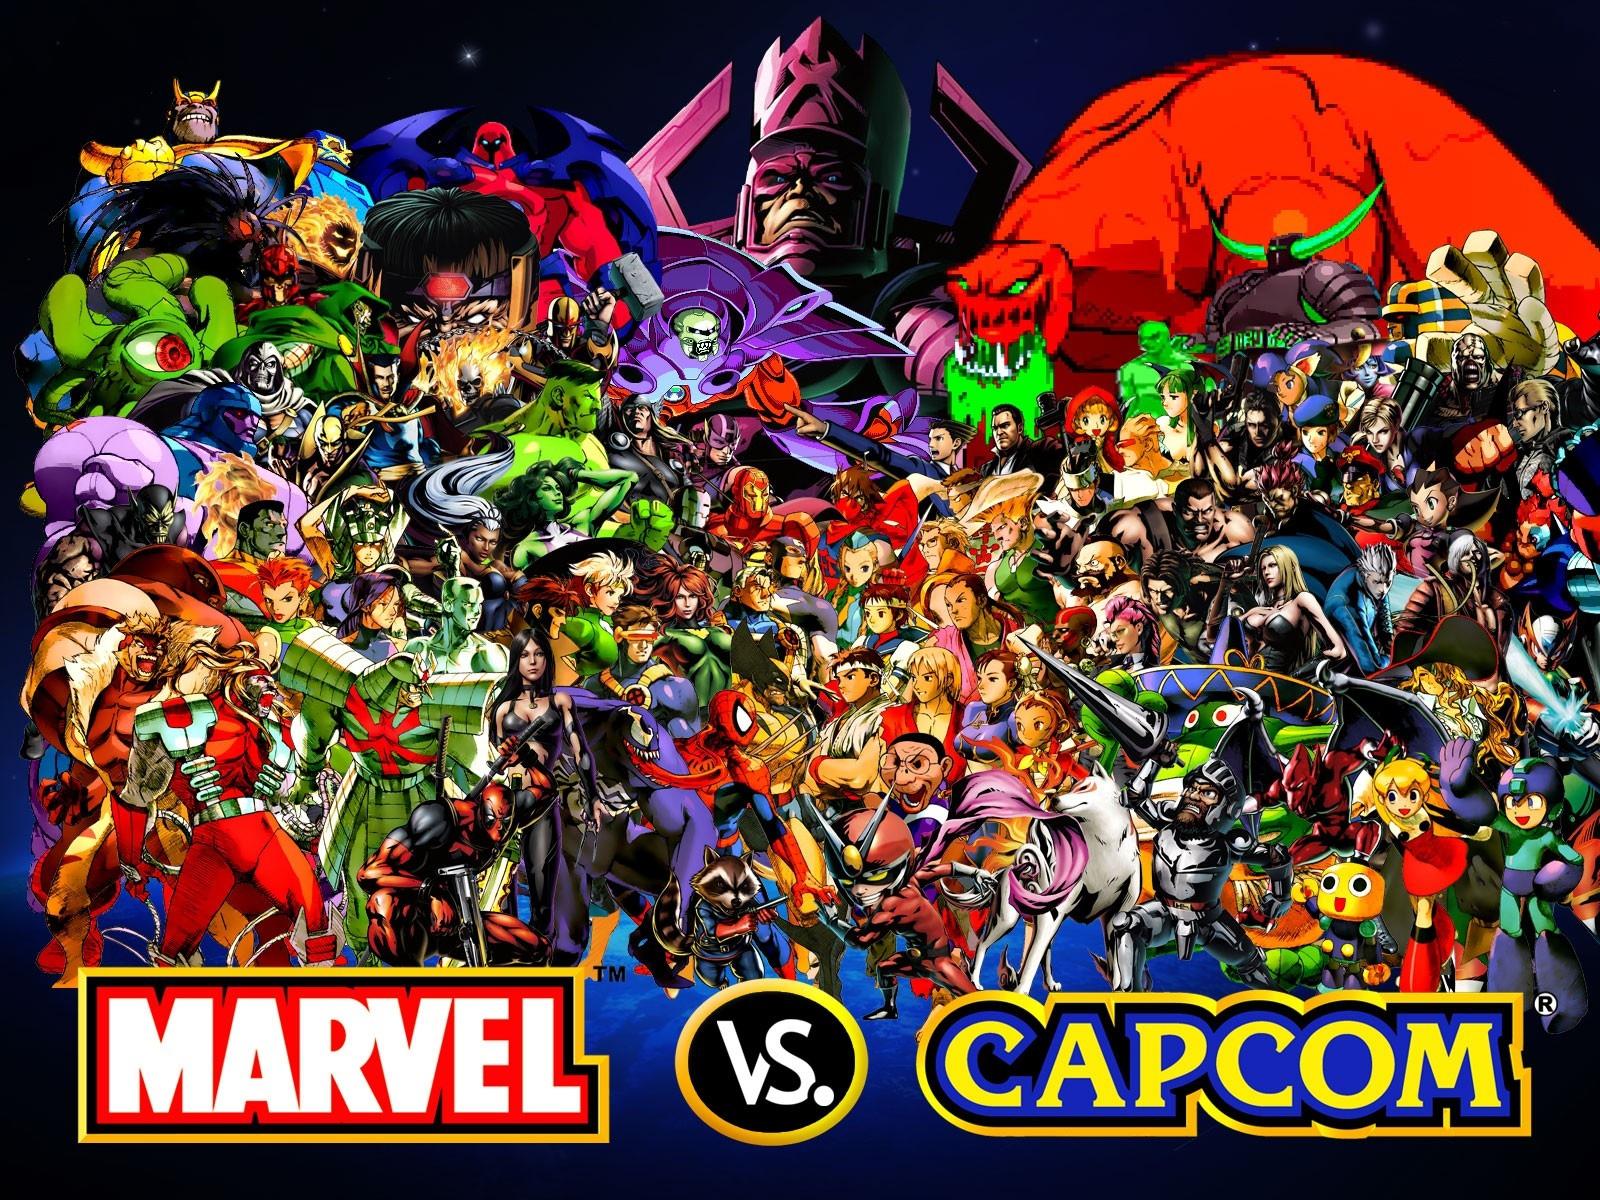 Capcom 2 Hd Wallpaper Hd Marvel Vs Capcom Wall Paper 1918993